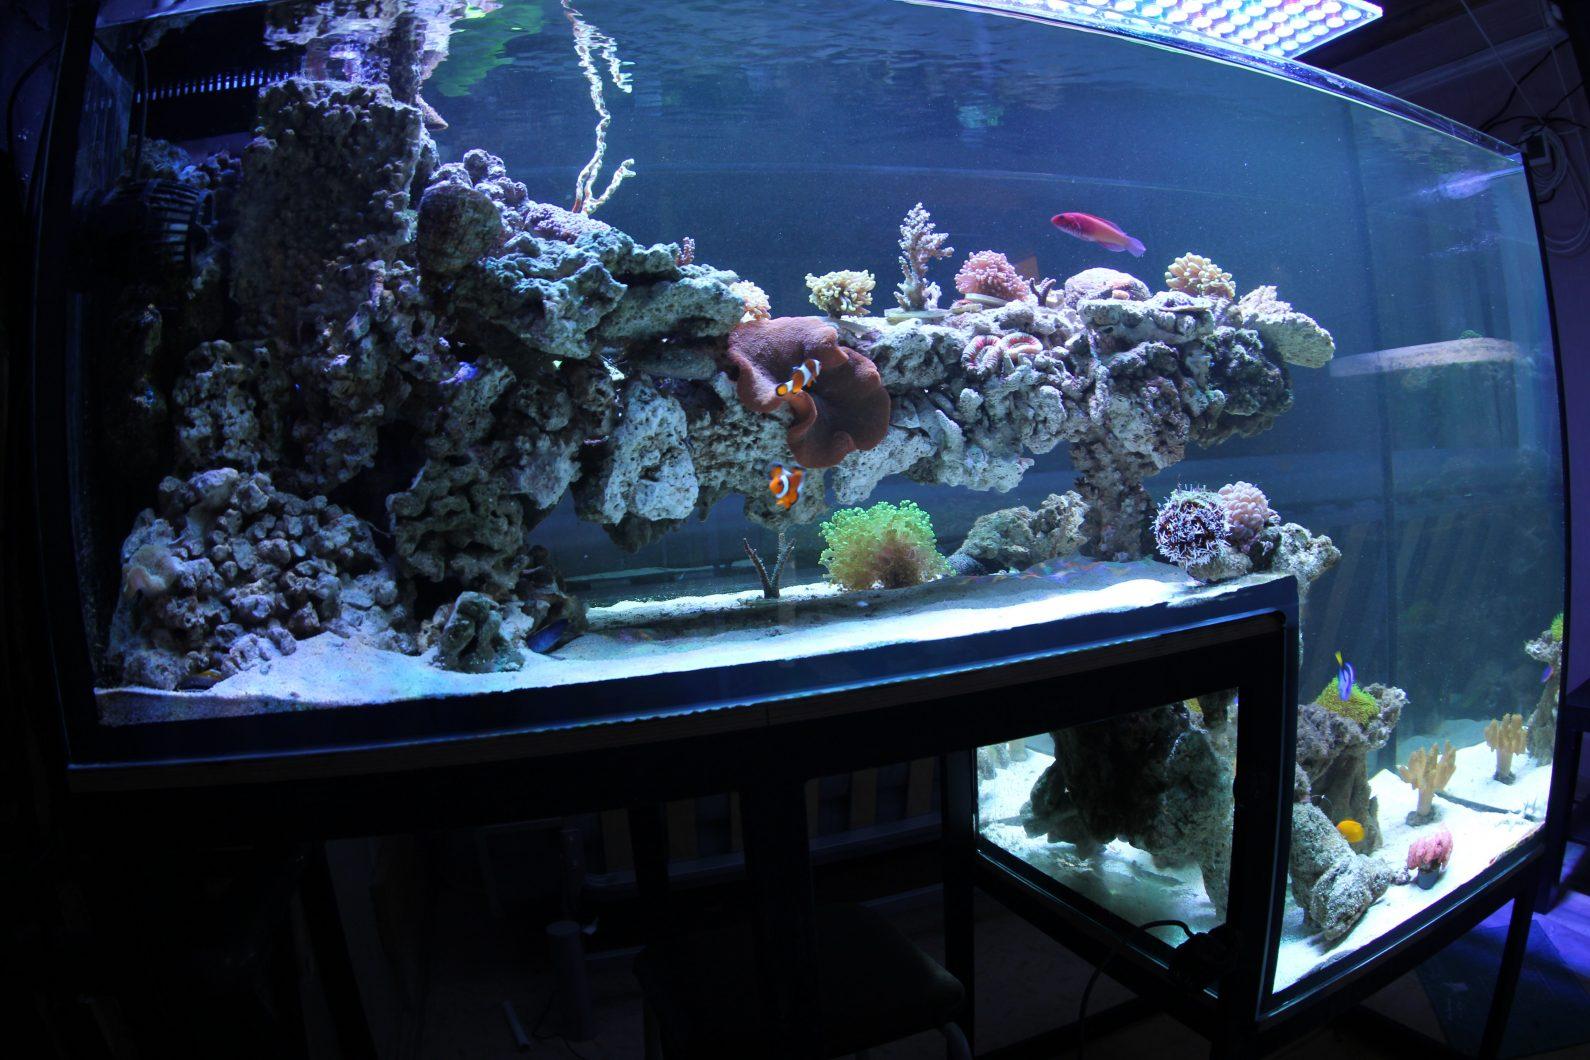 DropOff-reef-aquarium